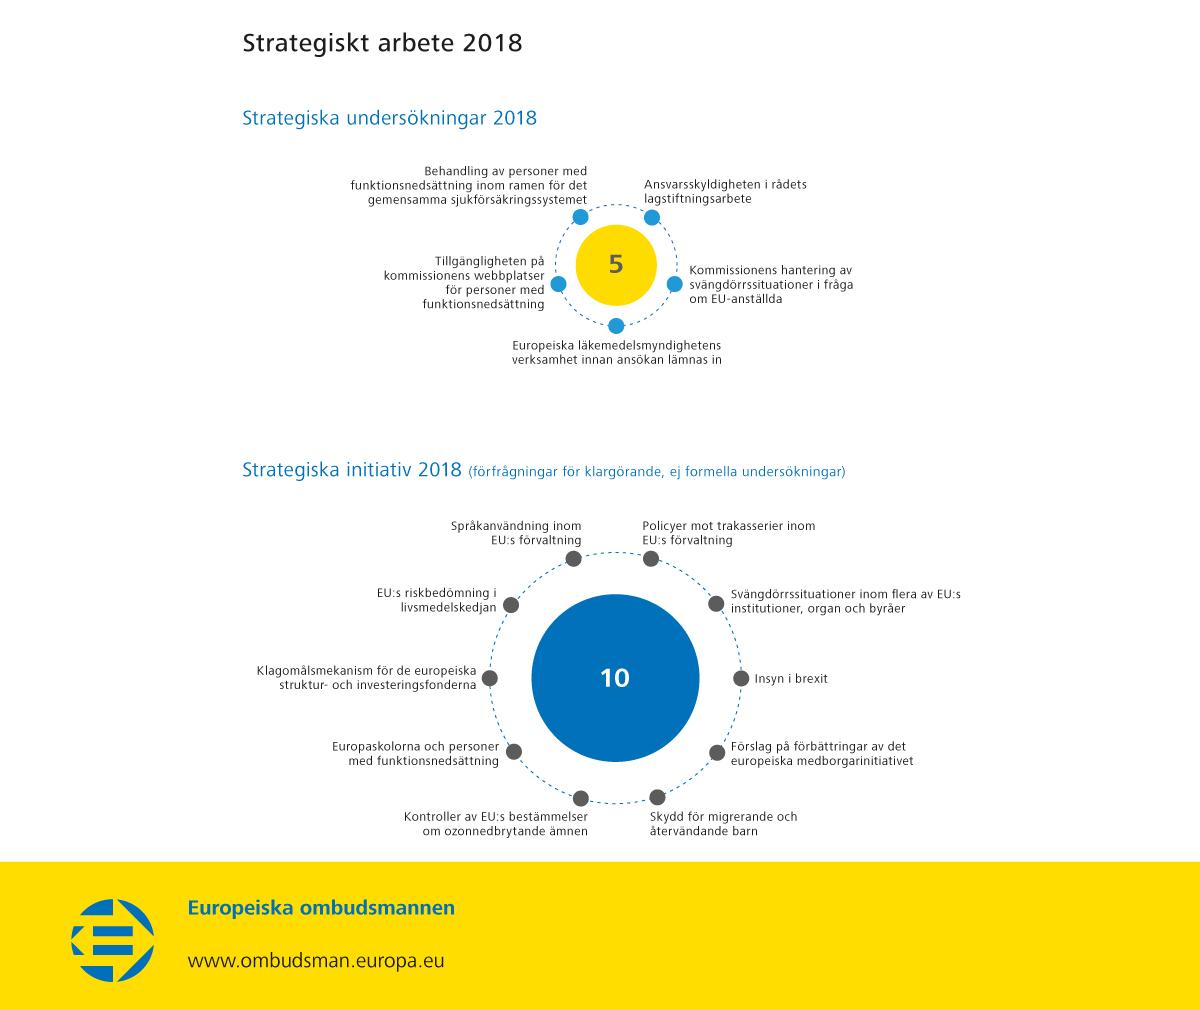 Strategiskt arbete 2018